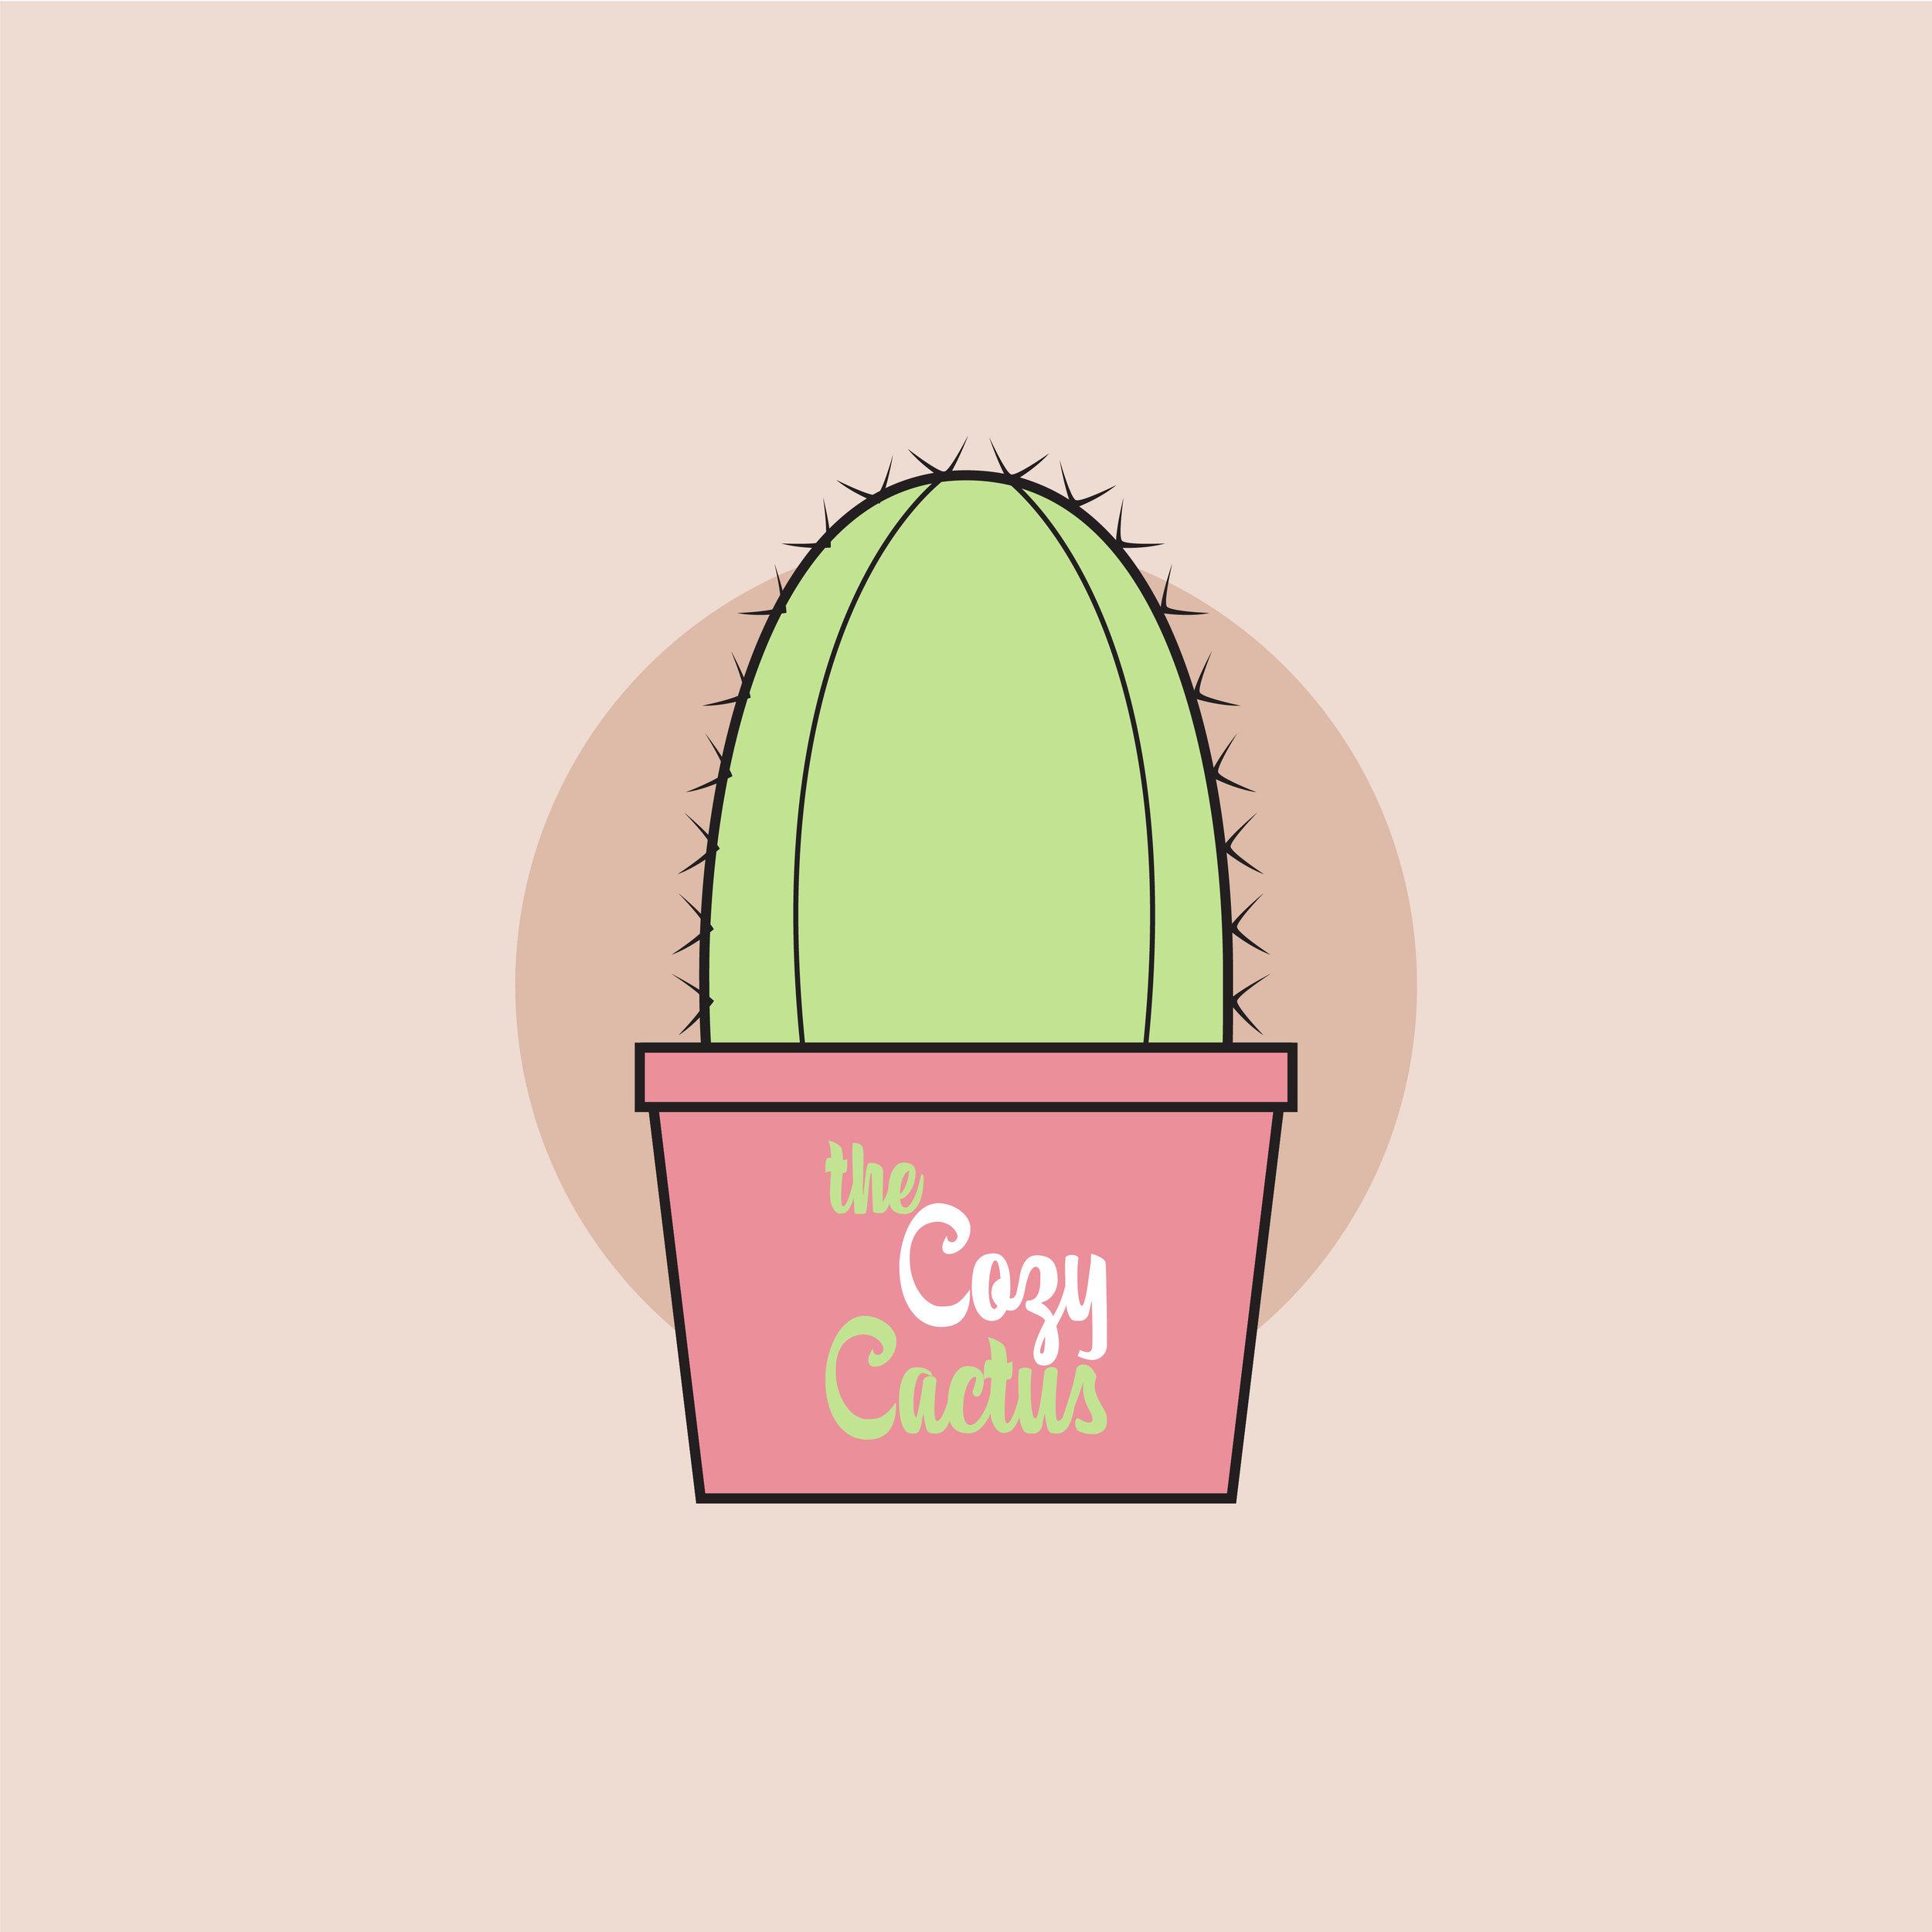 cozy cactus-01.jpg